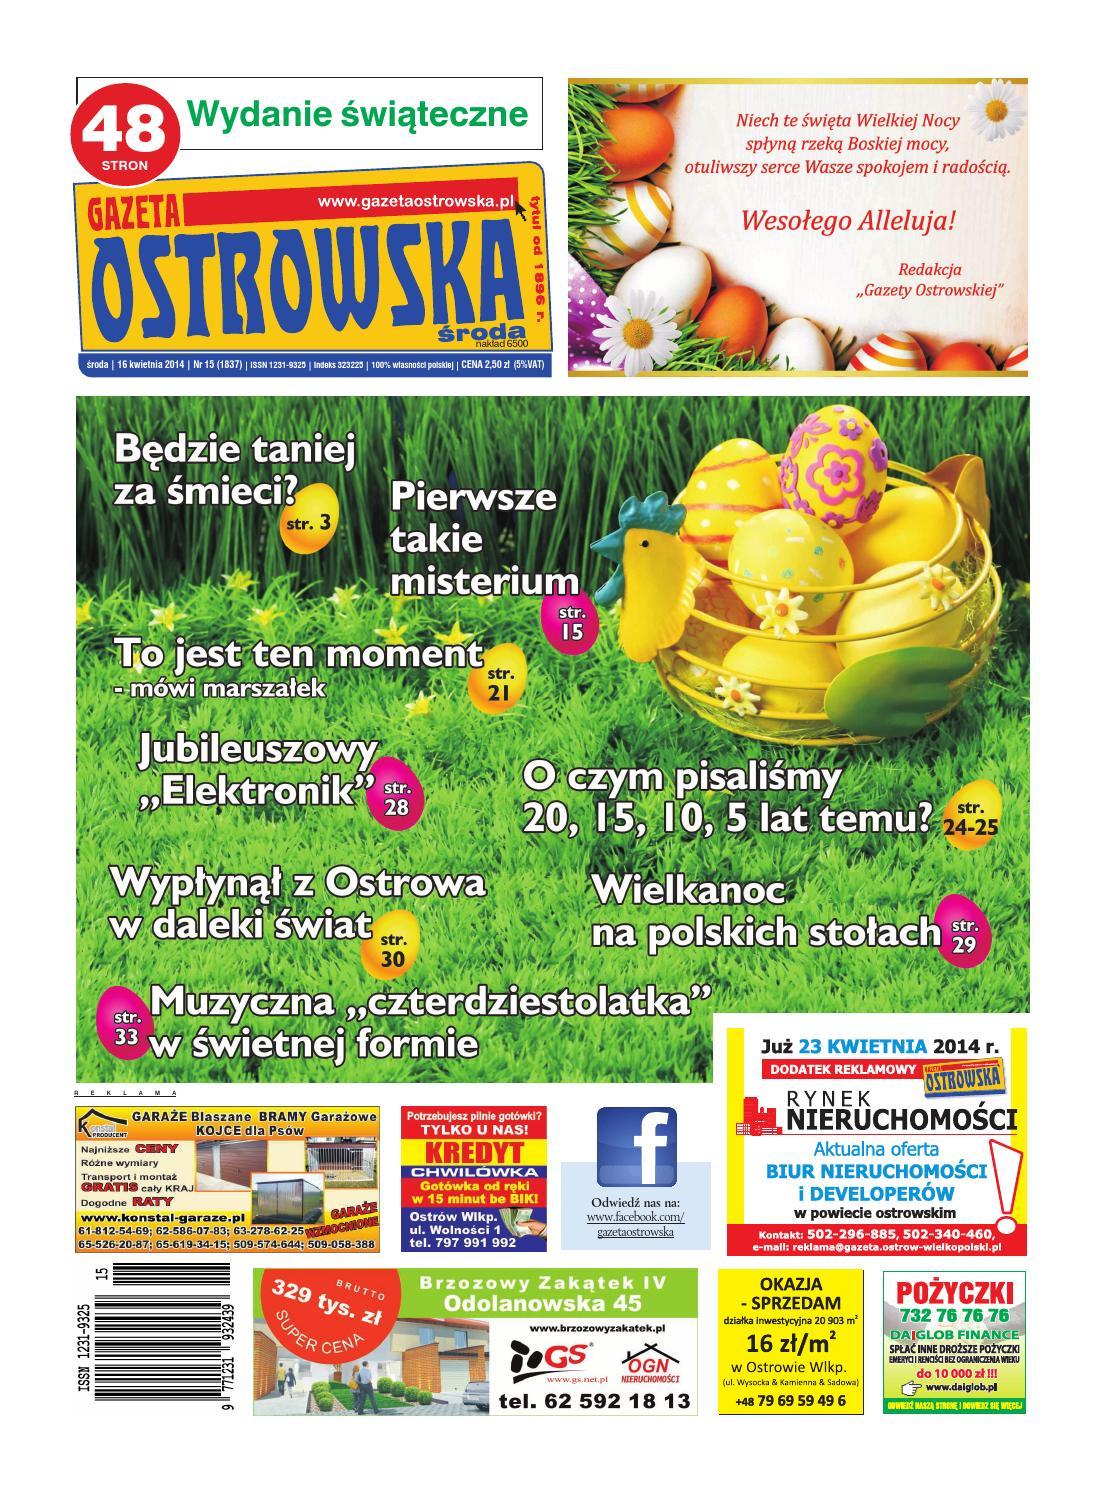 Stoly bar Polska | Gumtree